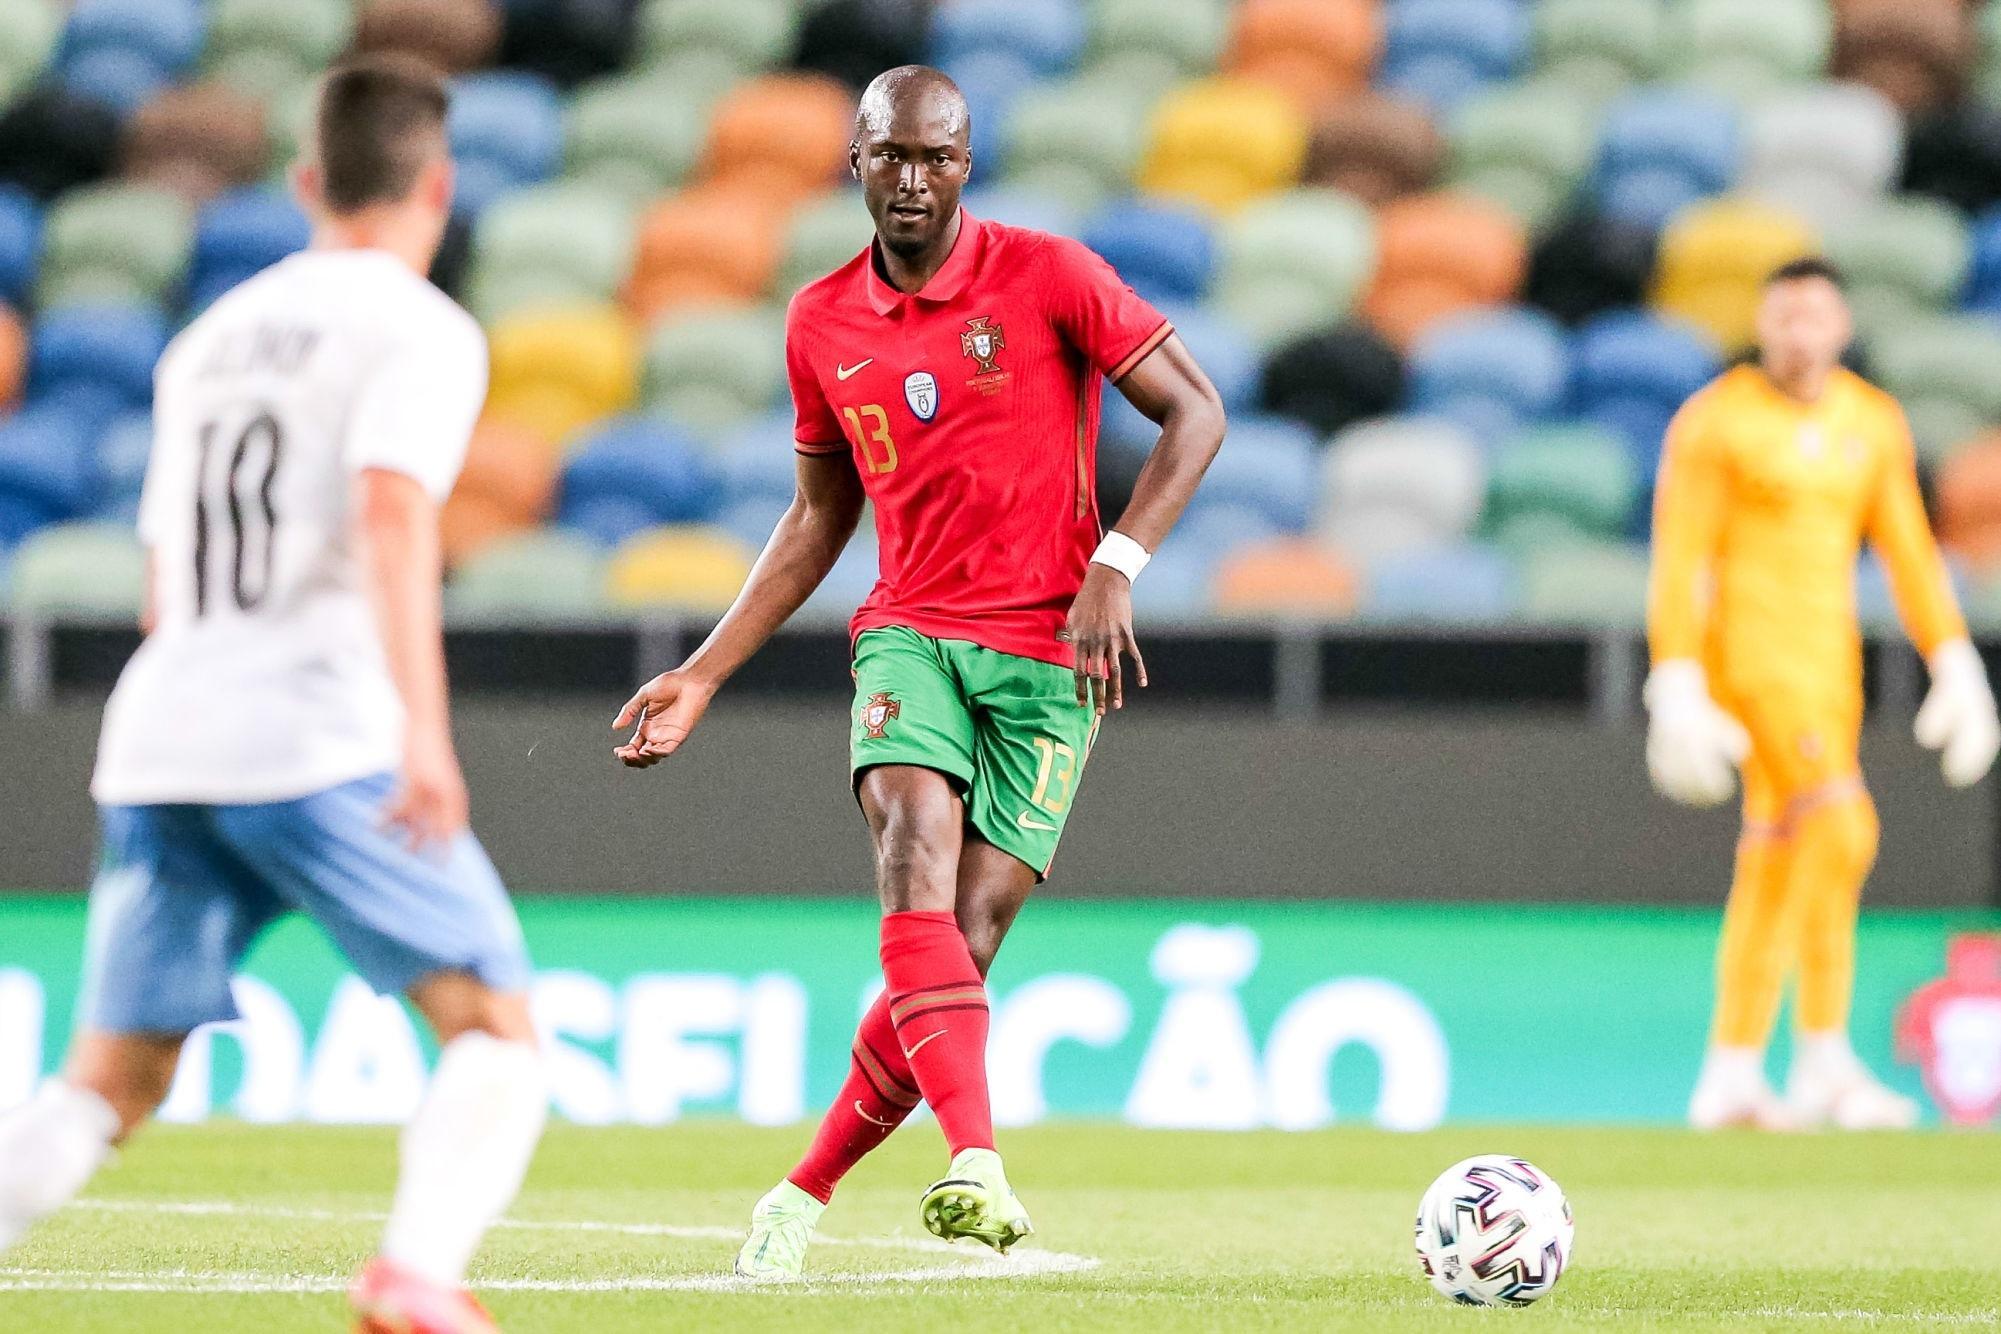 Hongrie/Portugal - Les équipes officielles : Danilo titulaire